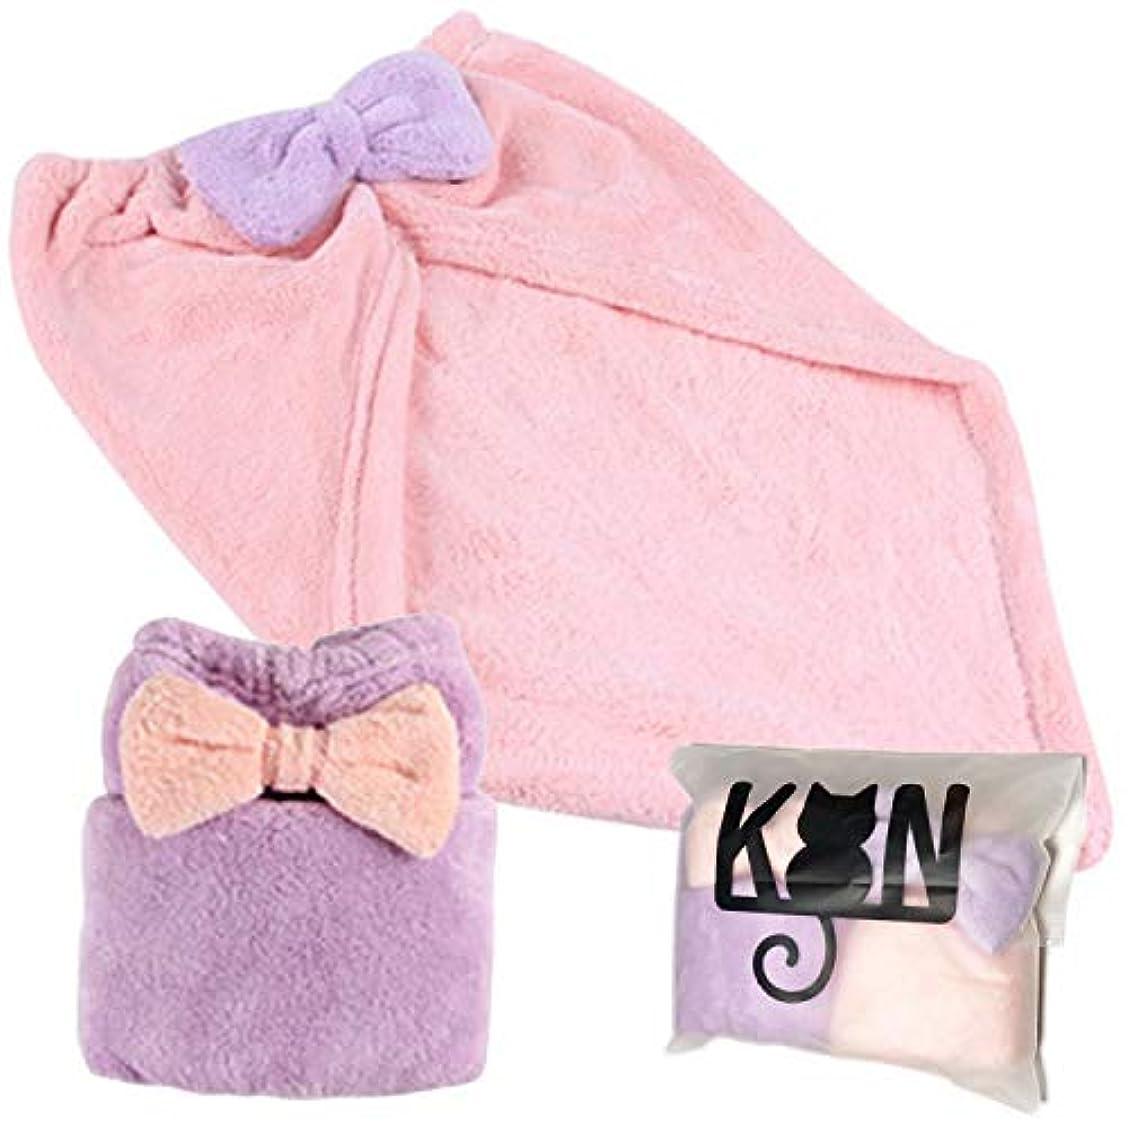 KON(コン) ヘアドライタオル 2枚セット リボン 吸水 髪の毛 タオルキャップ タオル 髪 乾かす ヘアキャップ ドライキャップ ヘアターバン タオルぼうし 強い吸水性 お風呂上がり バス用品 プール パープル+ピンク